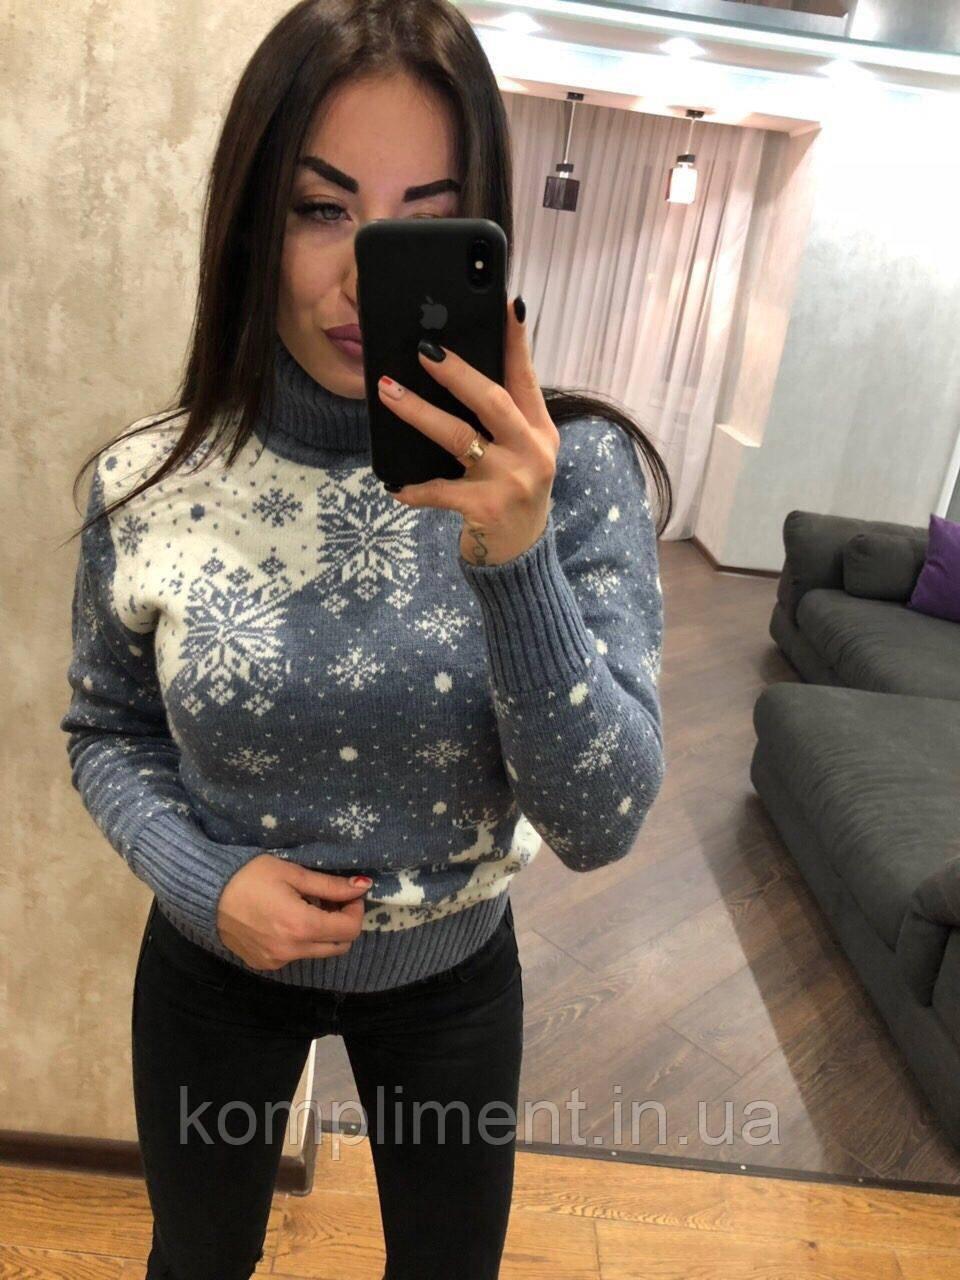 Женский вязаный свитер с зимним рисунком,голубой.Турция